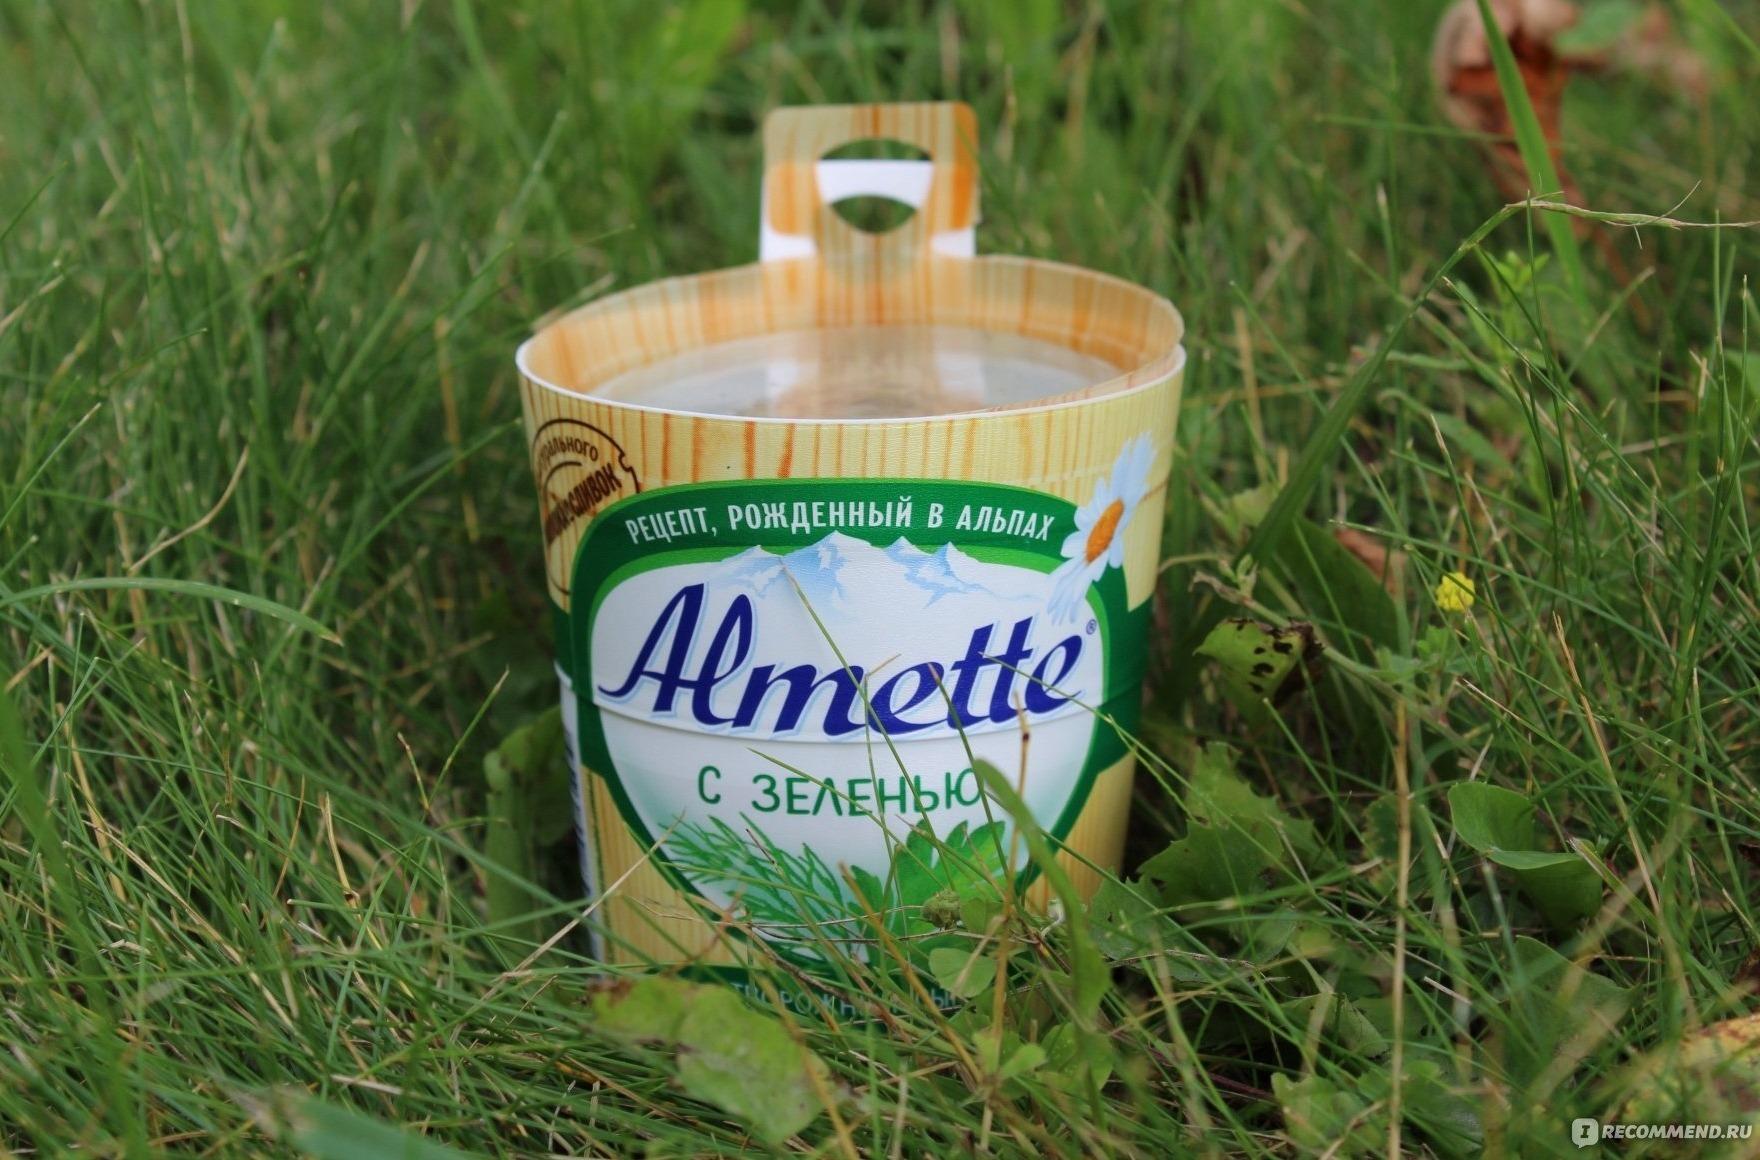 Сыр Almette с зеленью в упаковке